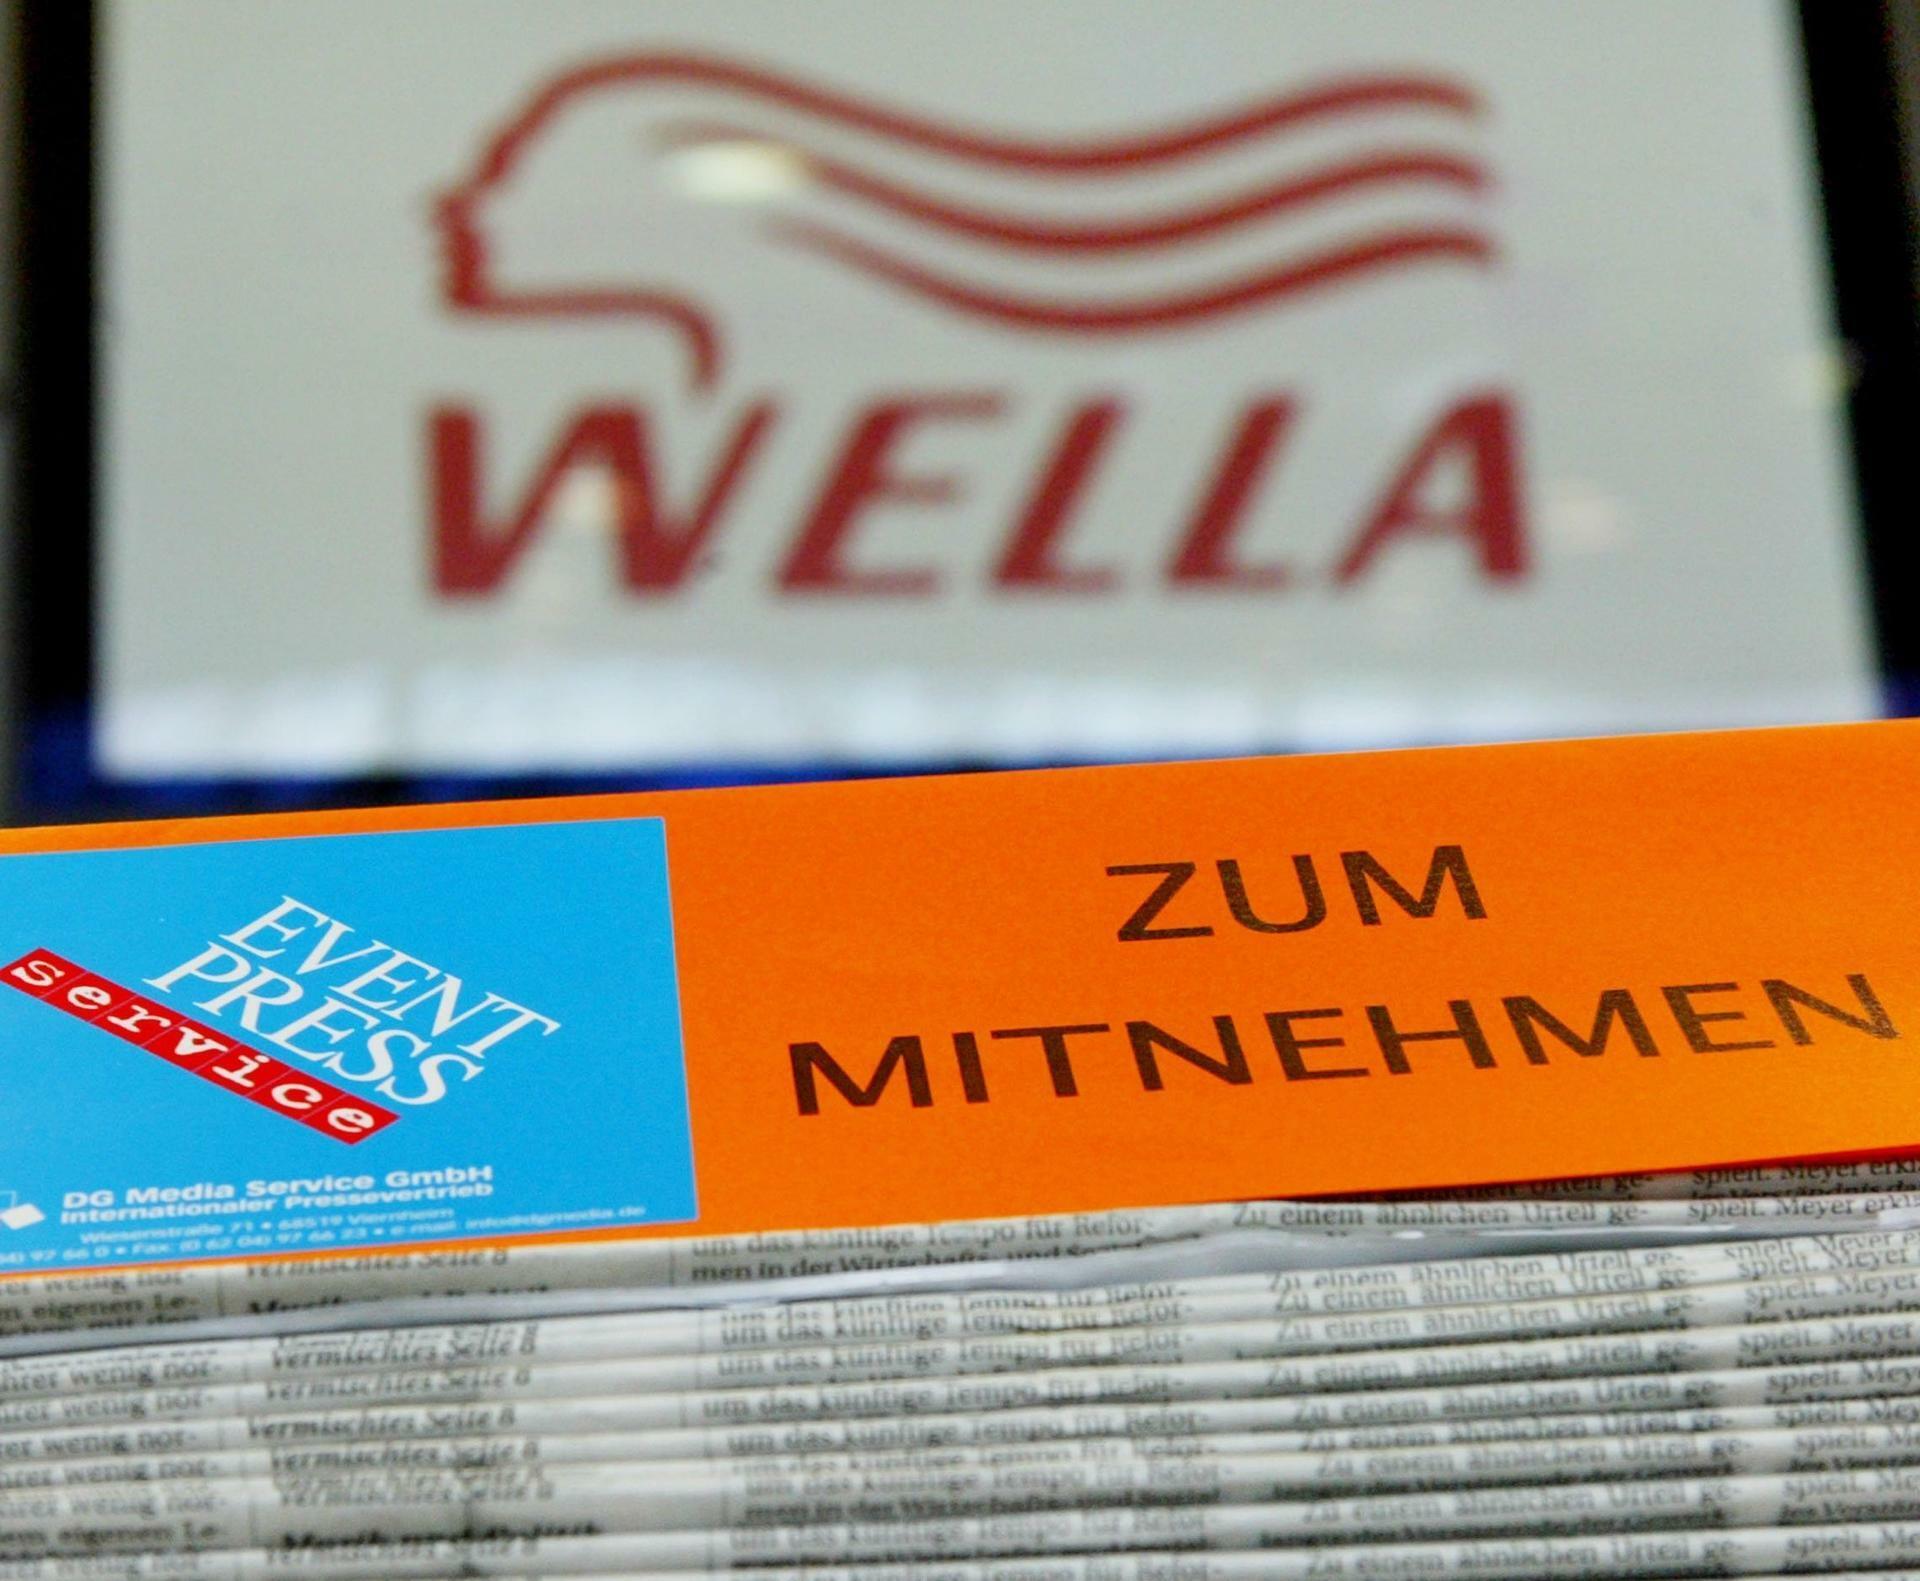 Haarpflege Sparte Procter Gamble Erwägt Wella Verkauf